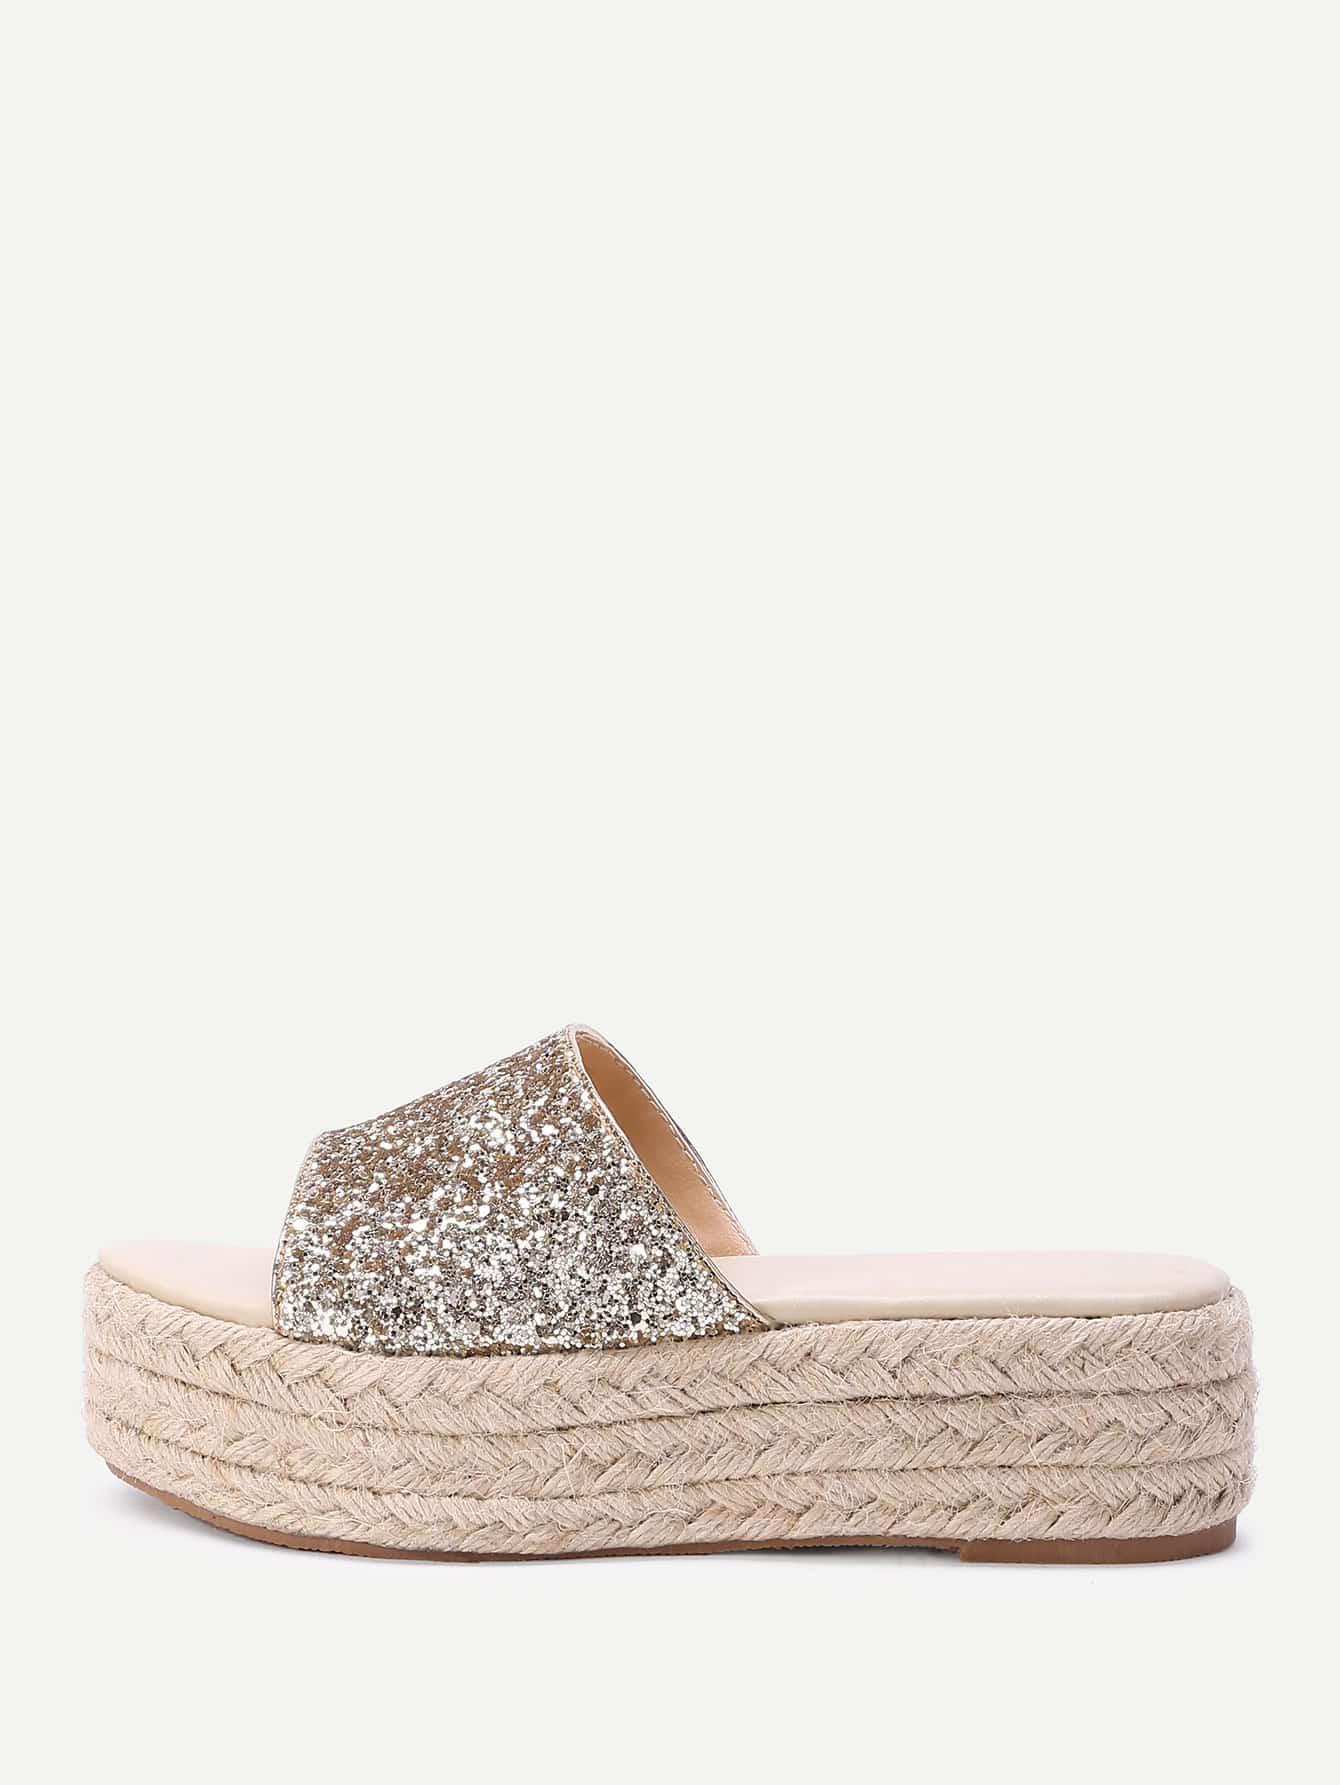 Фото Glitter Design Woven Flatform Sandals. Купить с доставкой